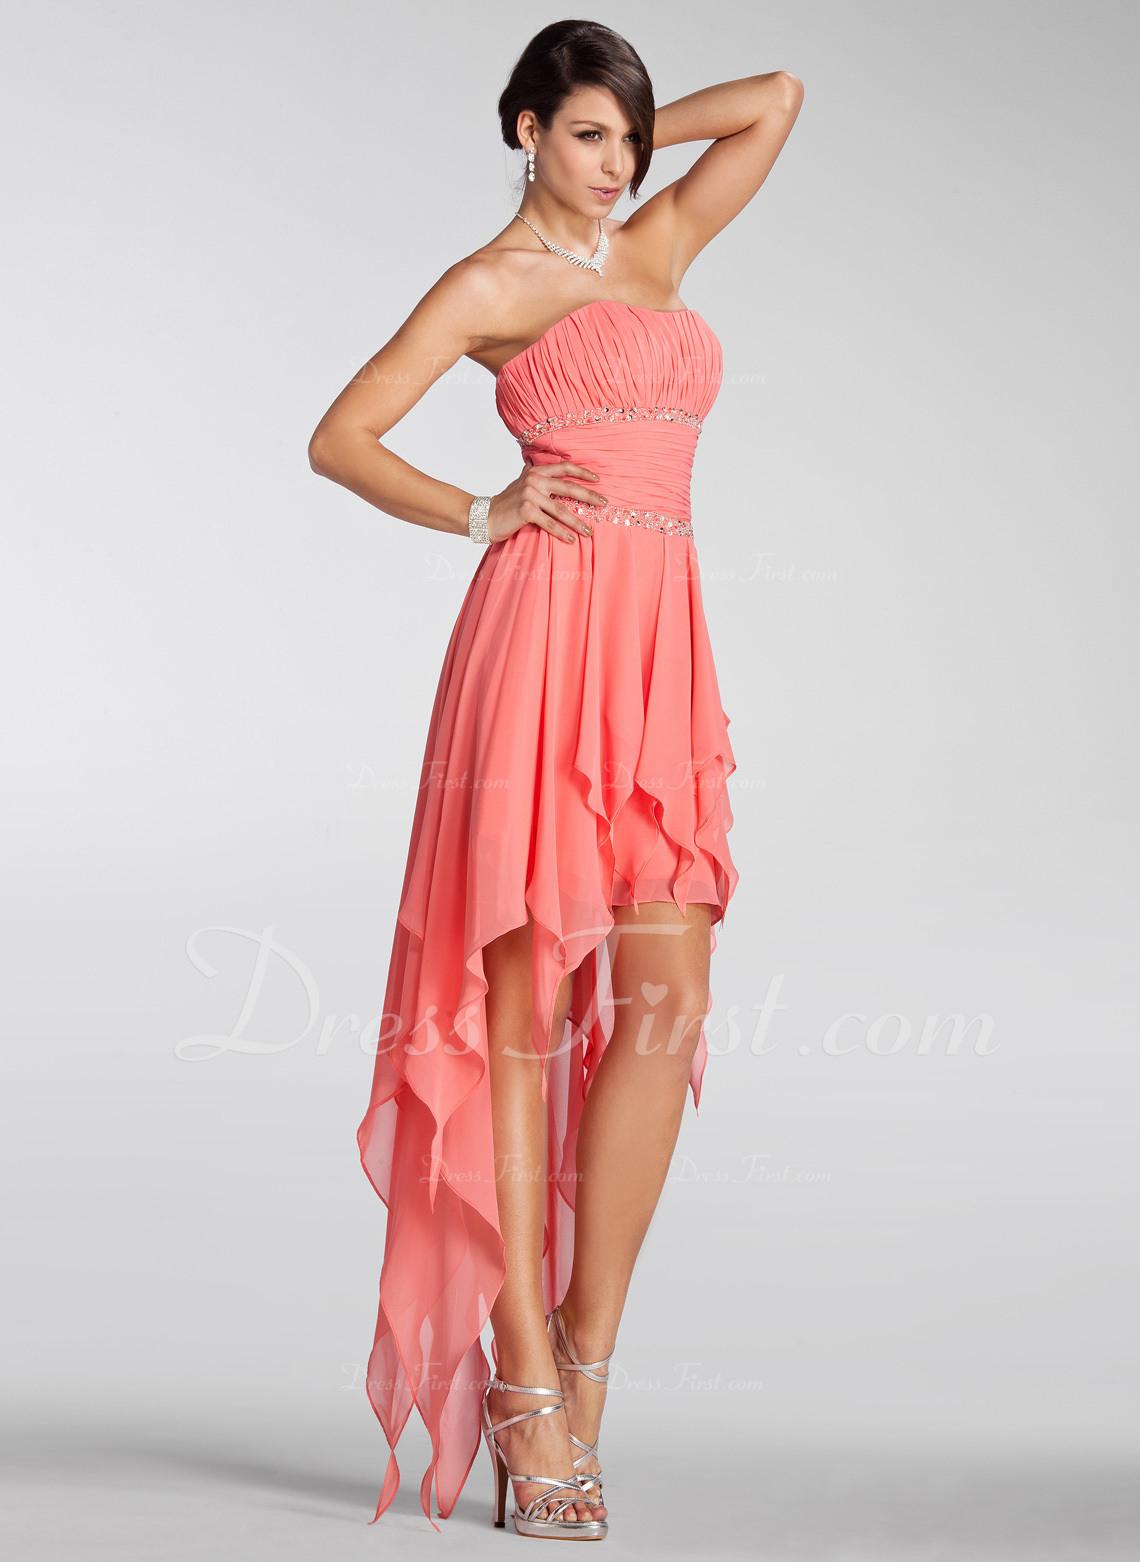 Fantastisch Festliches Kleid Rosa GalerieAbend Ausgezeichnet Festliches Kleid Rosa Design